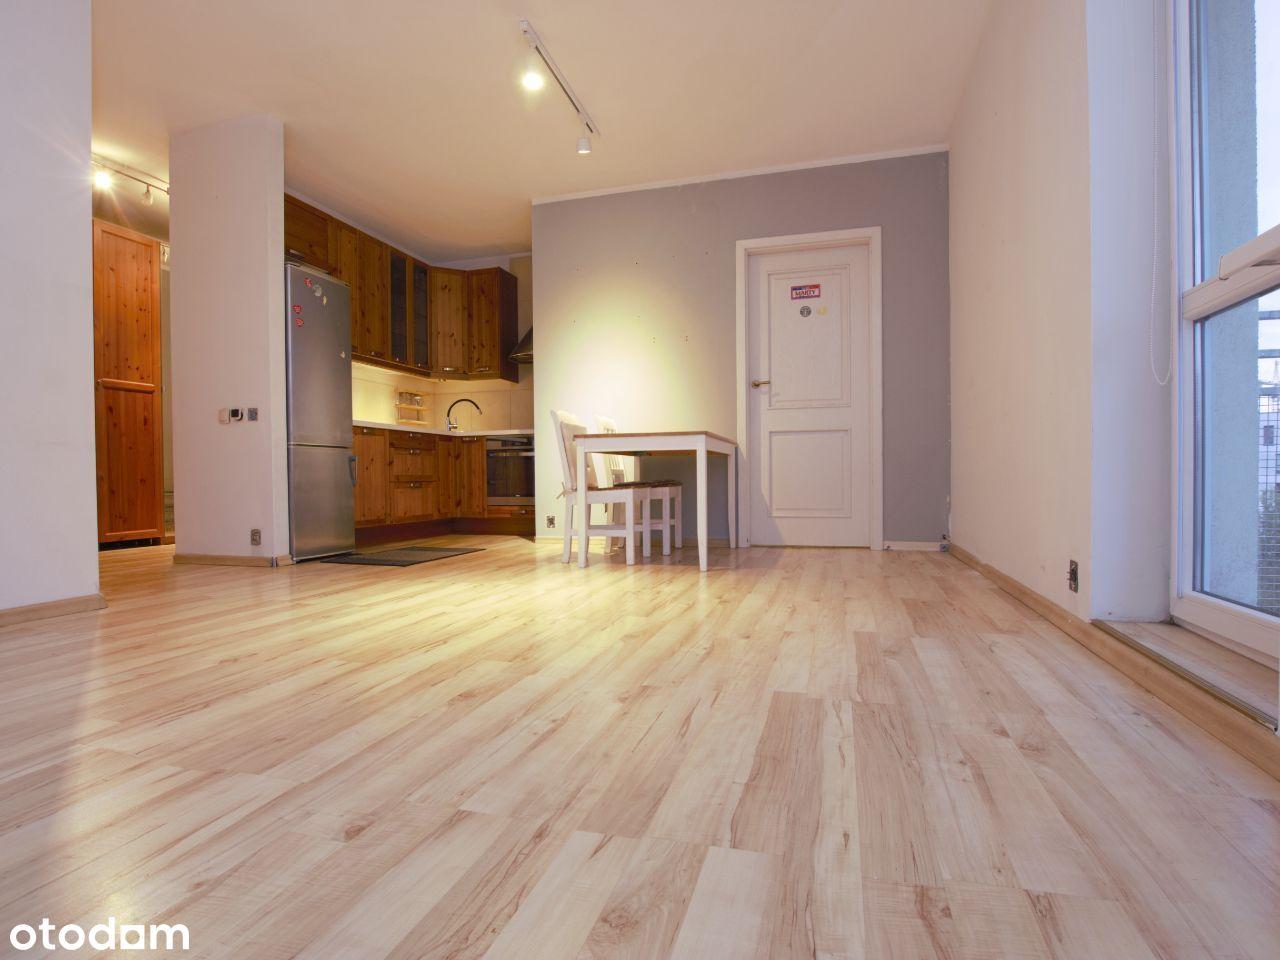 Mieszkanie, 3 pokoje, 55,6 m2, Poznań, Łacina